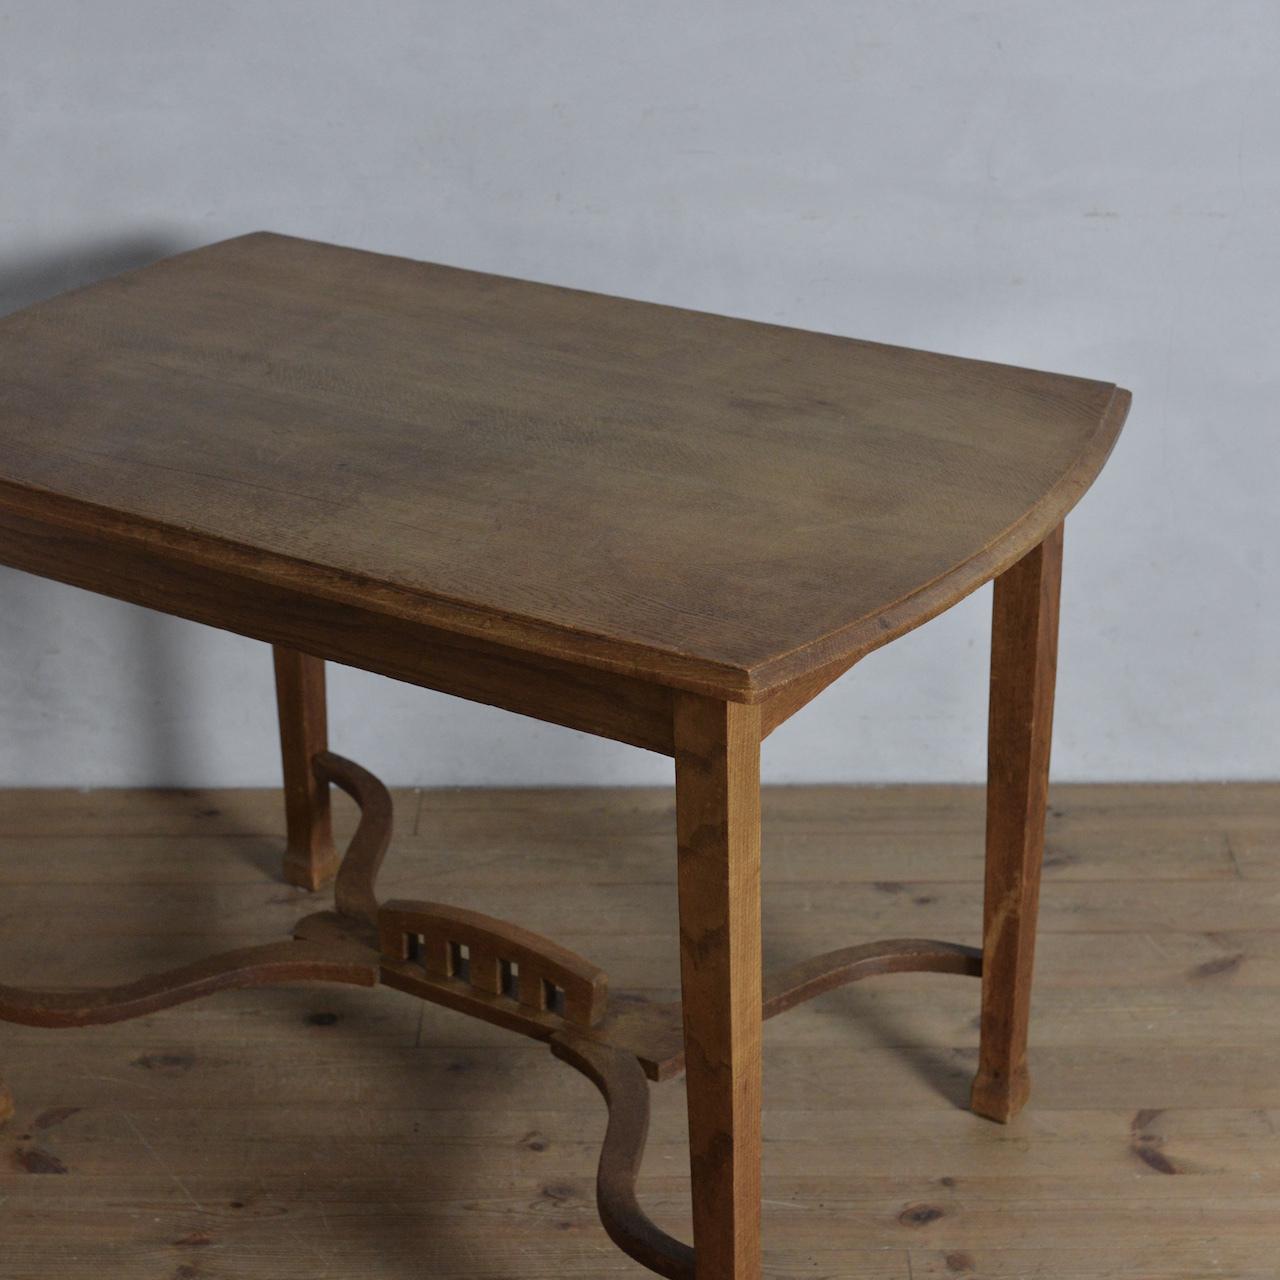 Dining Table  / ダイニングテーブル〈ワークテーブル・テーブル・作業台・フランスアンティーク〉